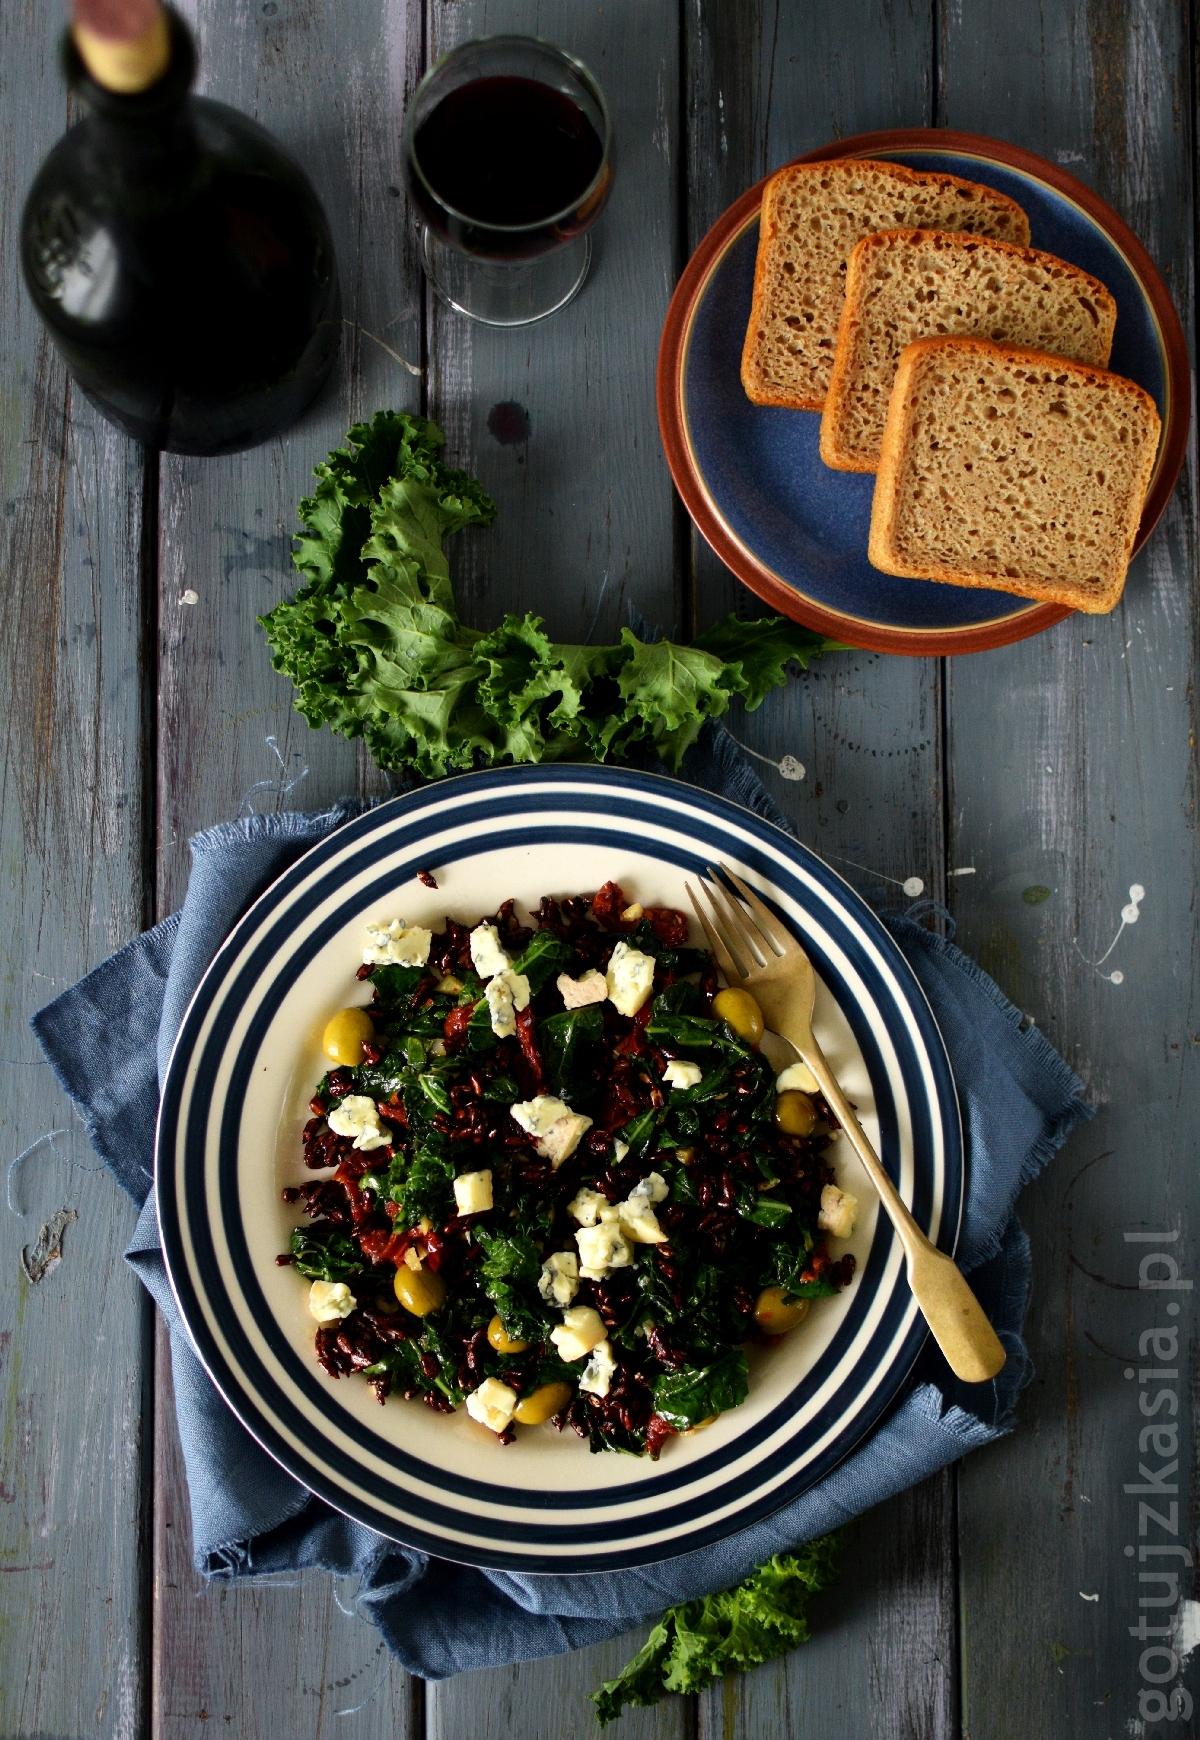 salatka z jarmuzem 1